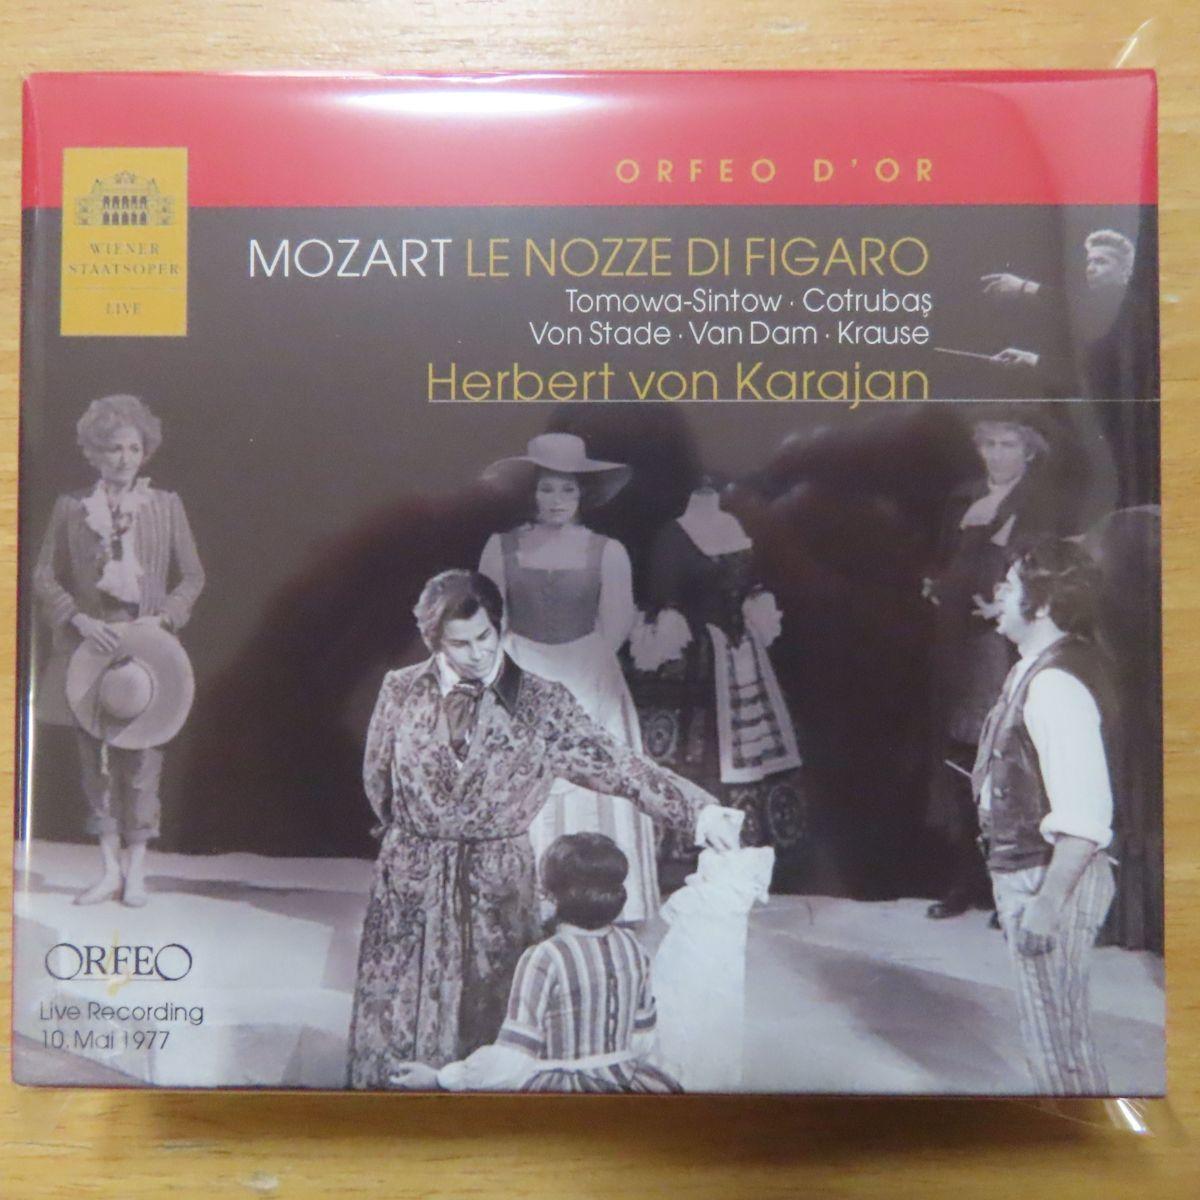 4988003427344;【未開封/3CDBOX】カラヤン / モーツァルト:歌劇《フィガロの結婚》全曲